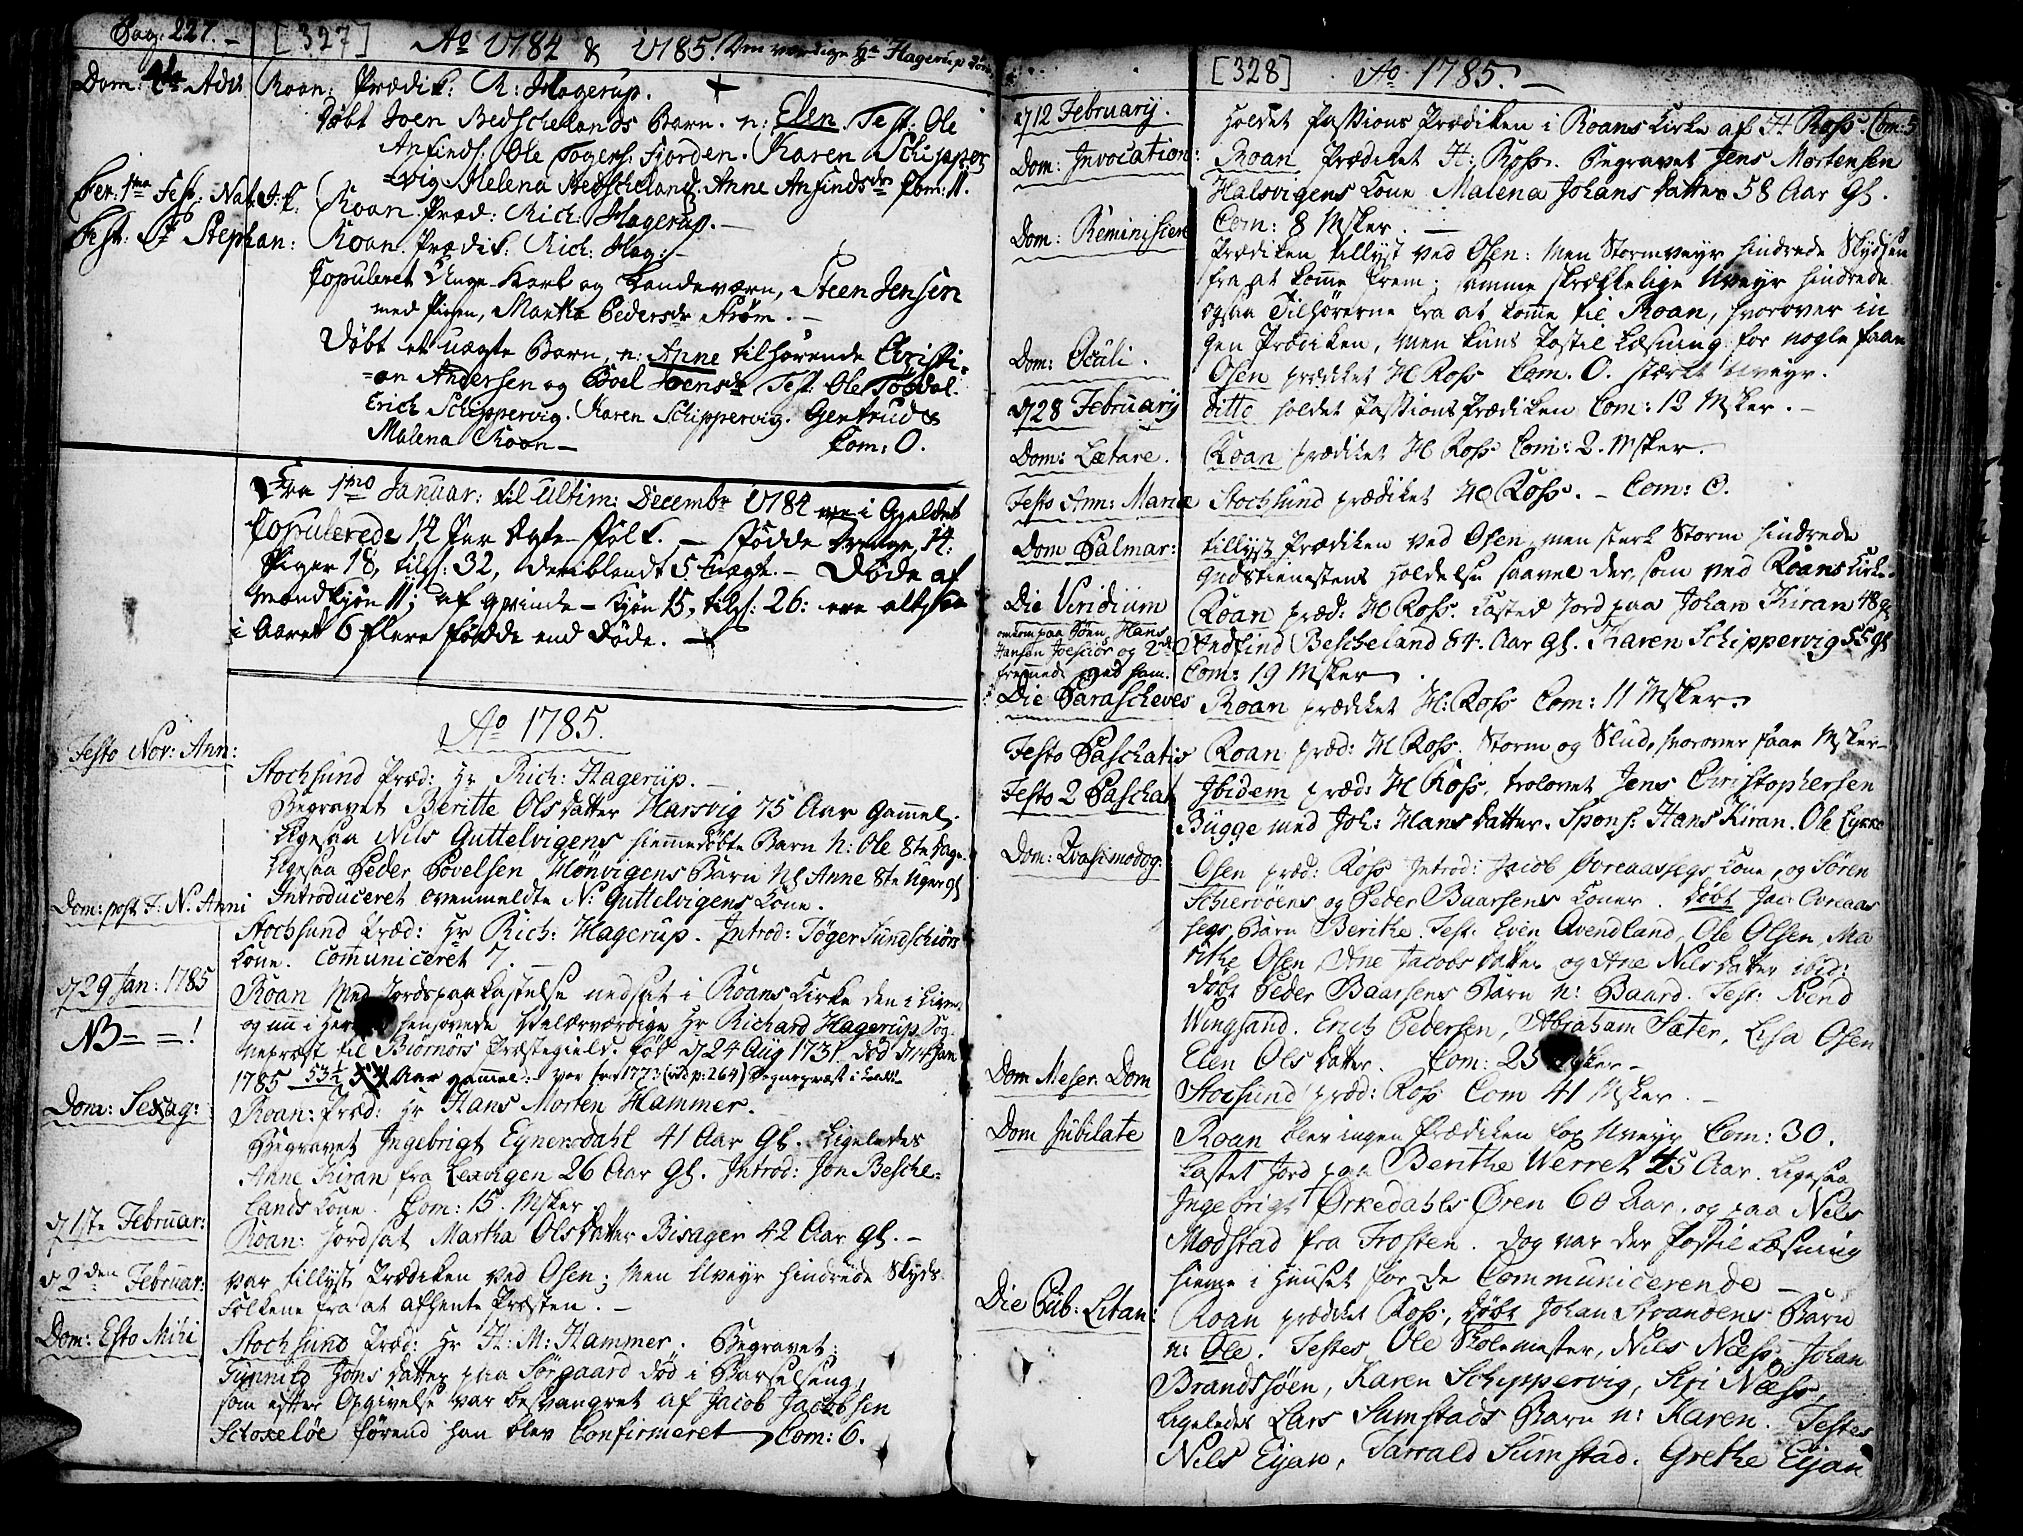 SAT, Ministerialprotokoller, klokkerbøker og fødselsregistre - Sør-Trøndelag, 657/L0700: Ministerialbok nr. 657A01, 1732-1801, s. 327-328